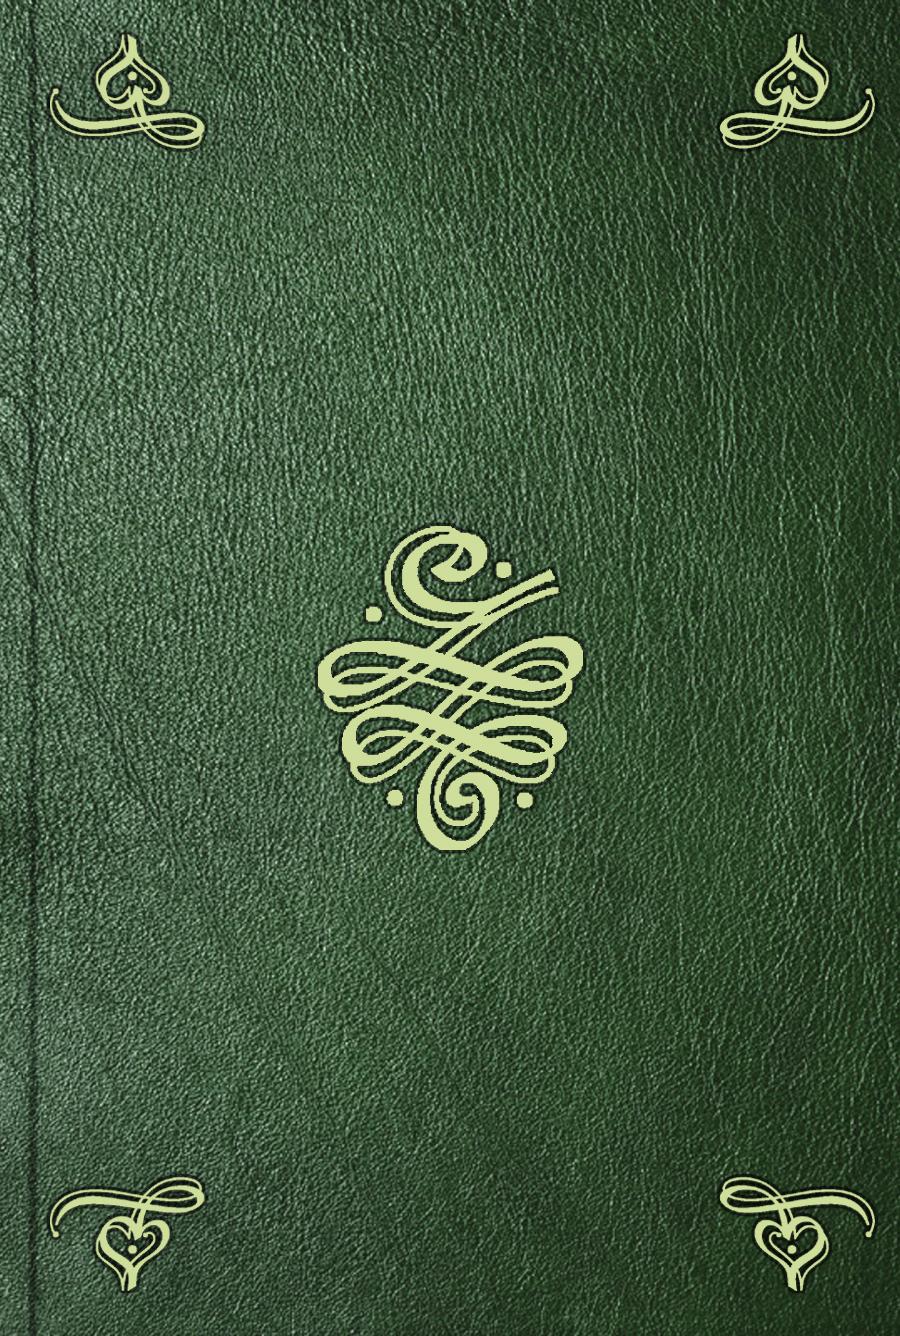 Charles Bonnet Oeuvres d'histoire naturelle et de philosophie. T. 10 charles bonnet oeuvres d histoire naturelle et de philosophie t 16